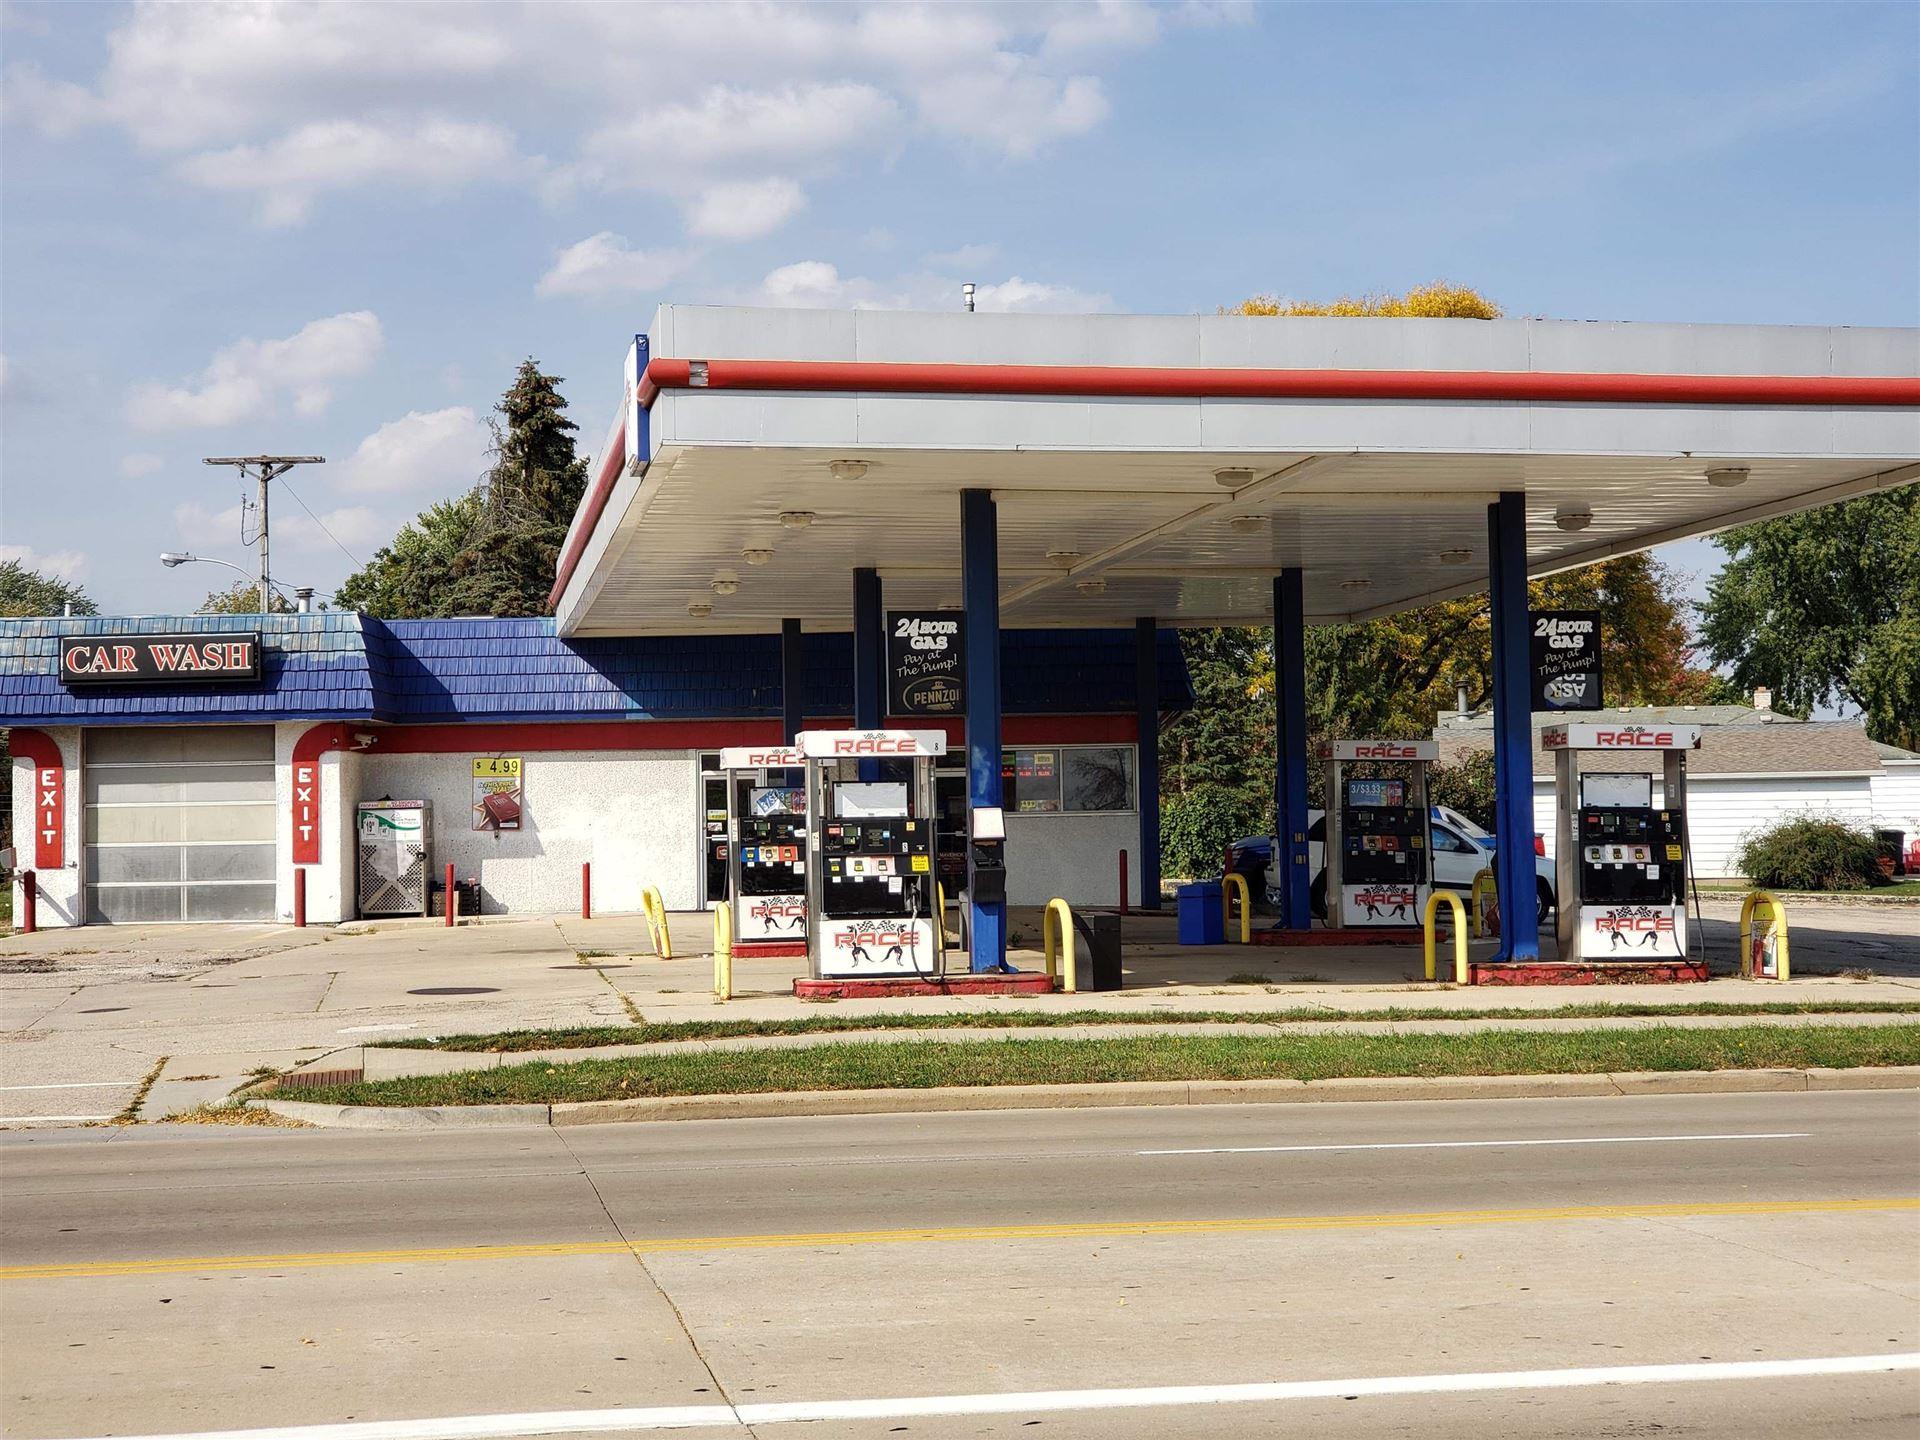 Photo for 1410 W Main St, Sun Prairie, WI 53590-999 (MLS # 1921537)